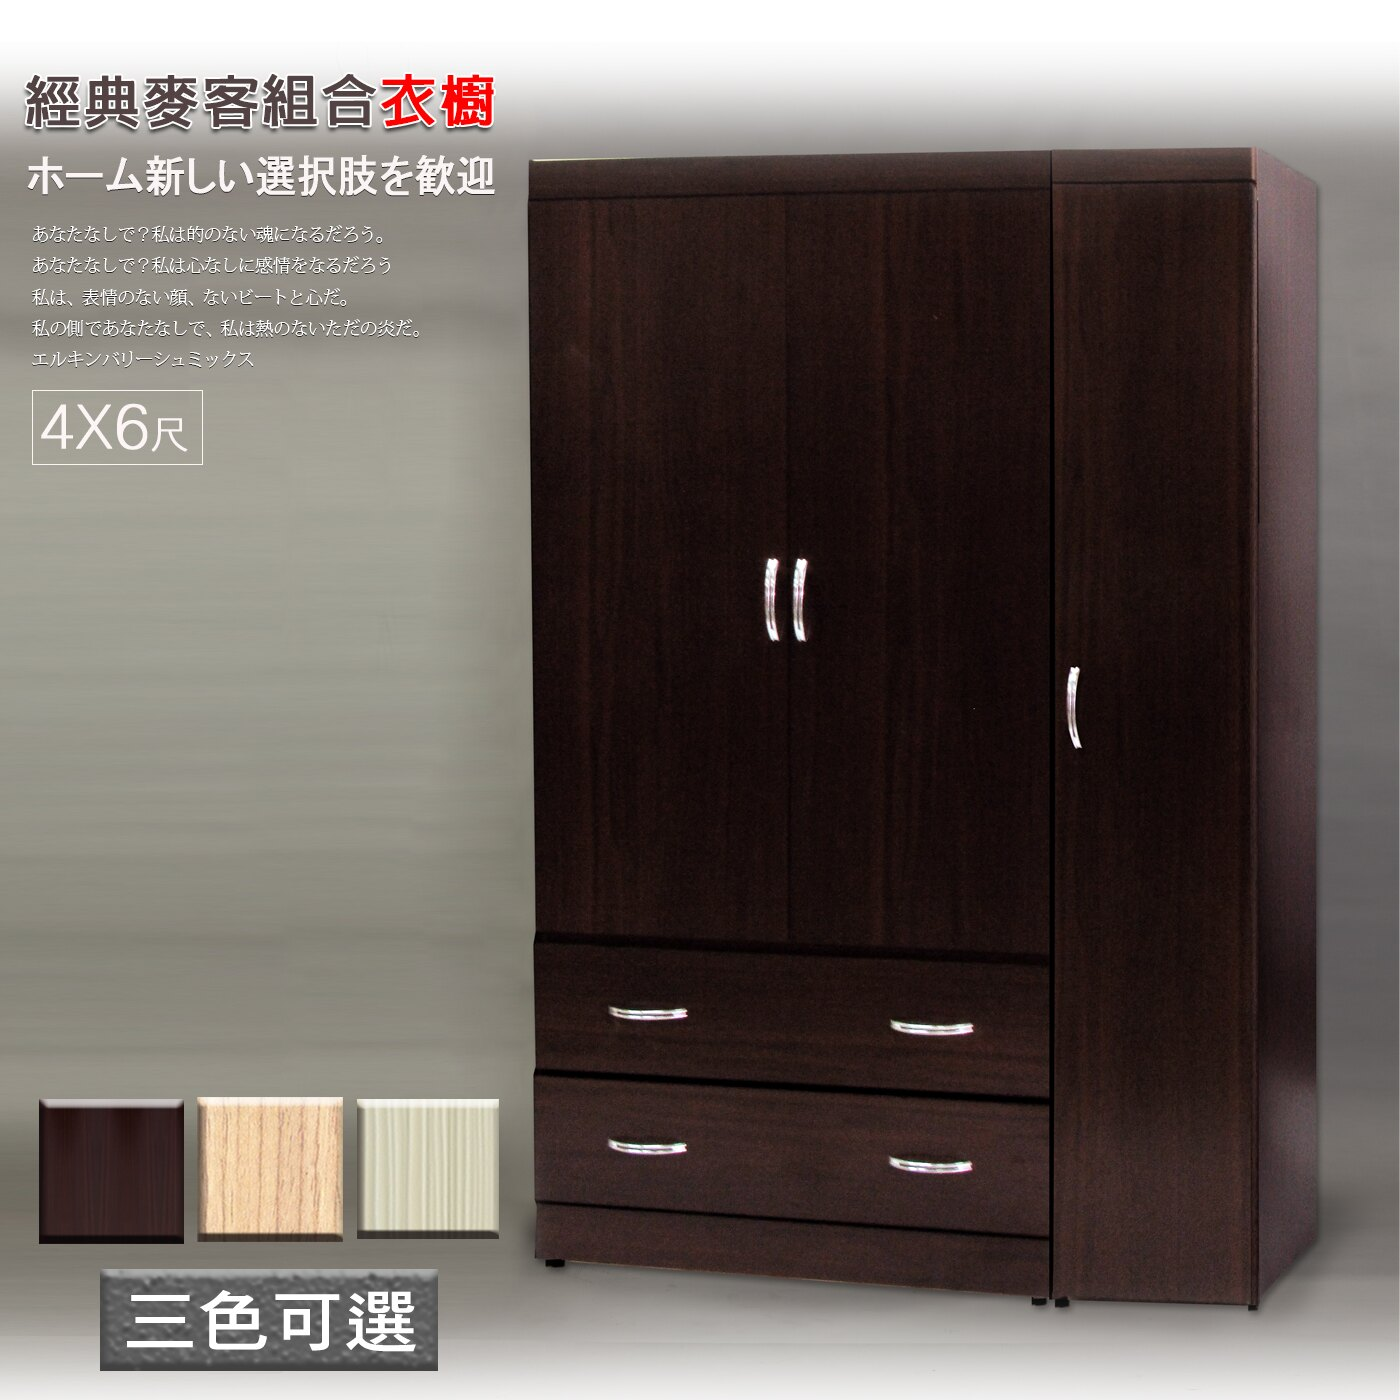 【UHO】經典麥客4X6尺組合式衣櫥(三門二抽)